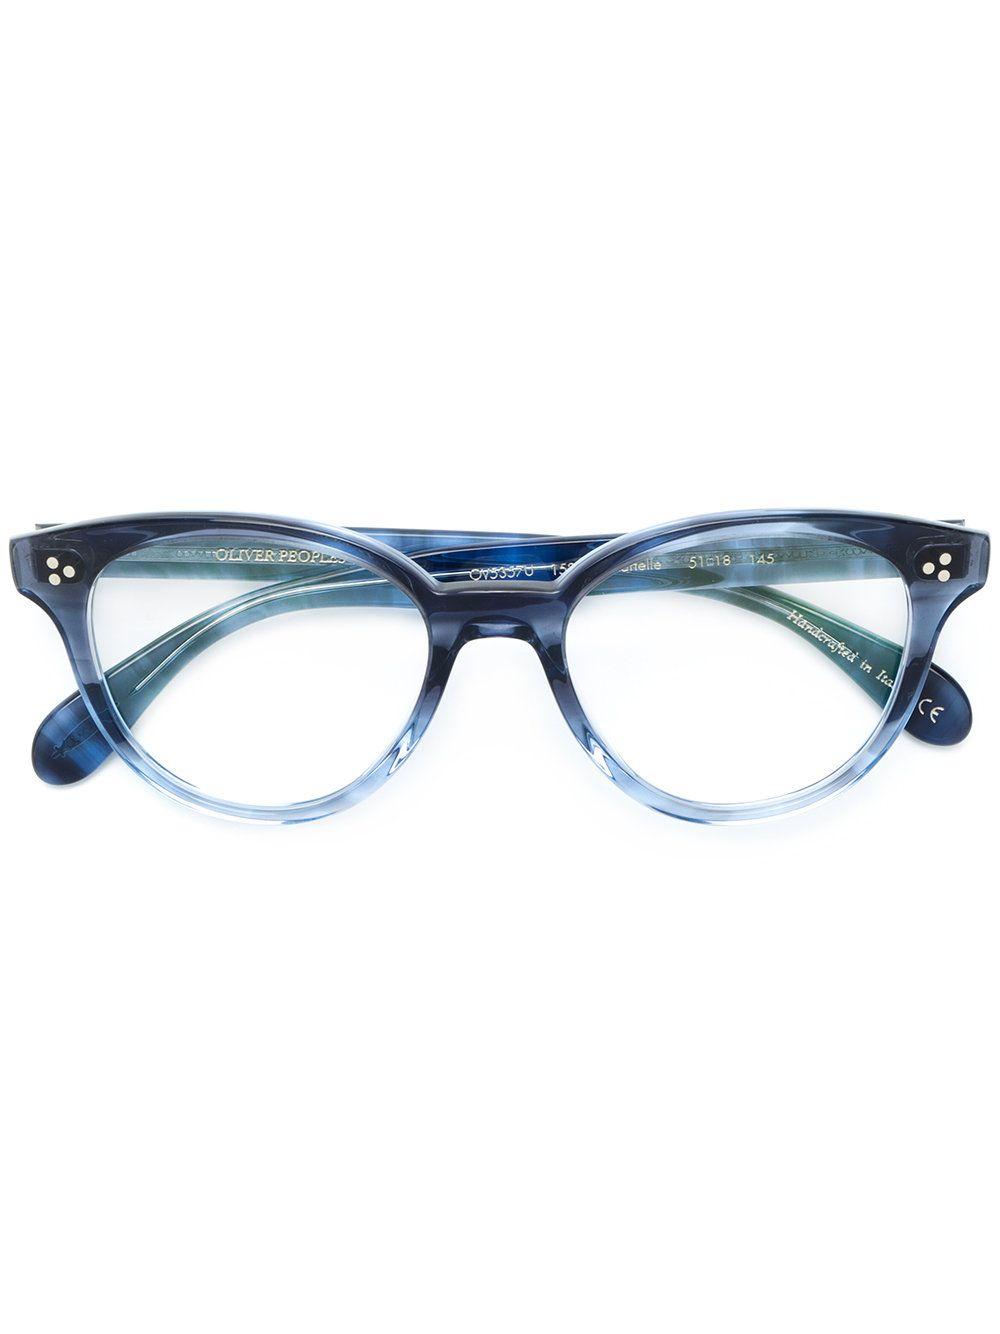 358bd14d6b4 KOTTDO 2017 New Retro Trends Glasses Frames Artistic Glasses Frames Men and Women  Optical Brand Eyewear Frames Female Desig…